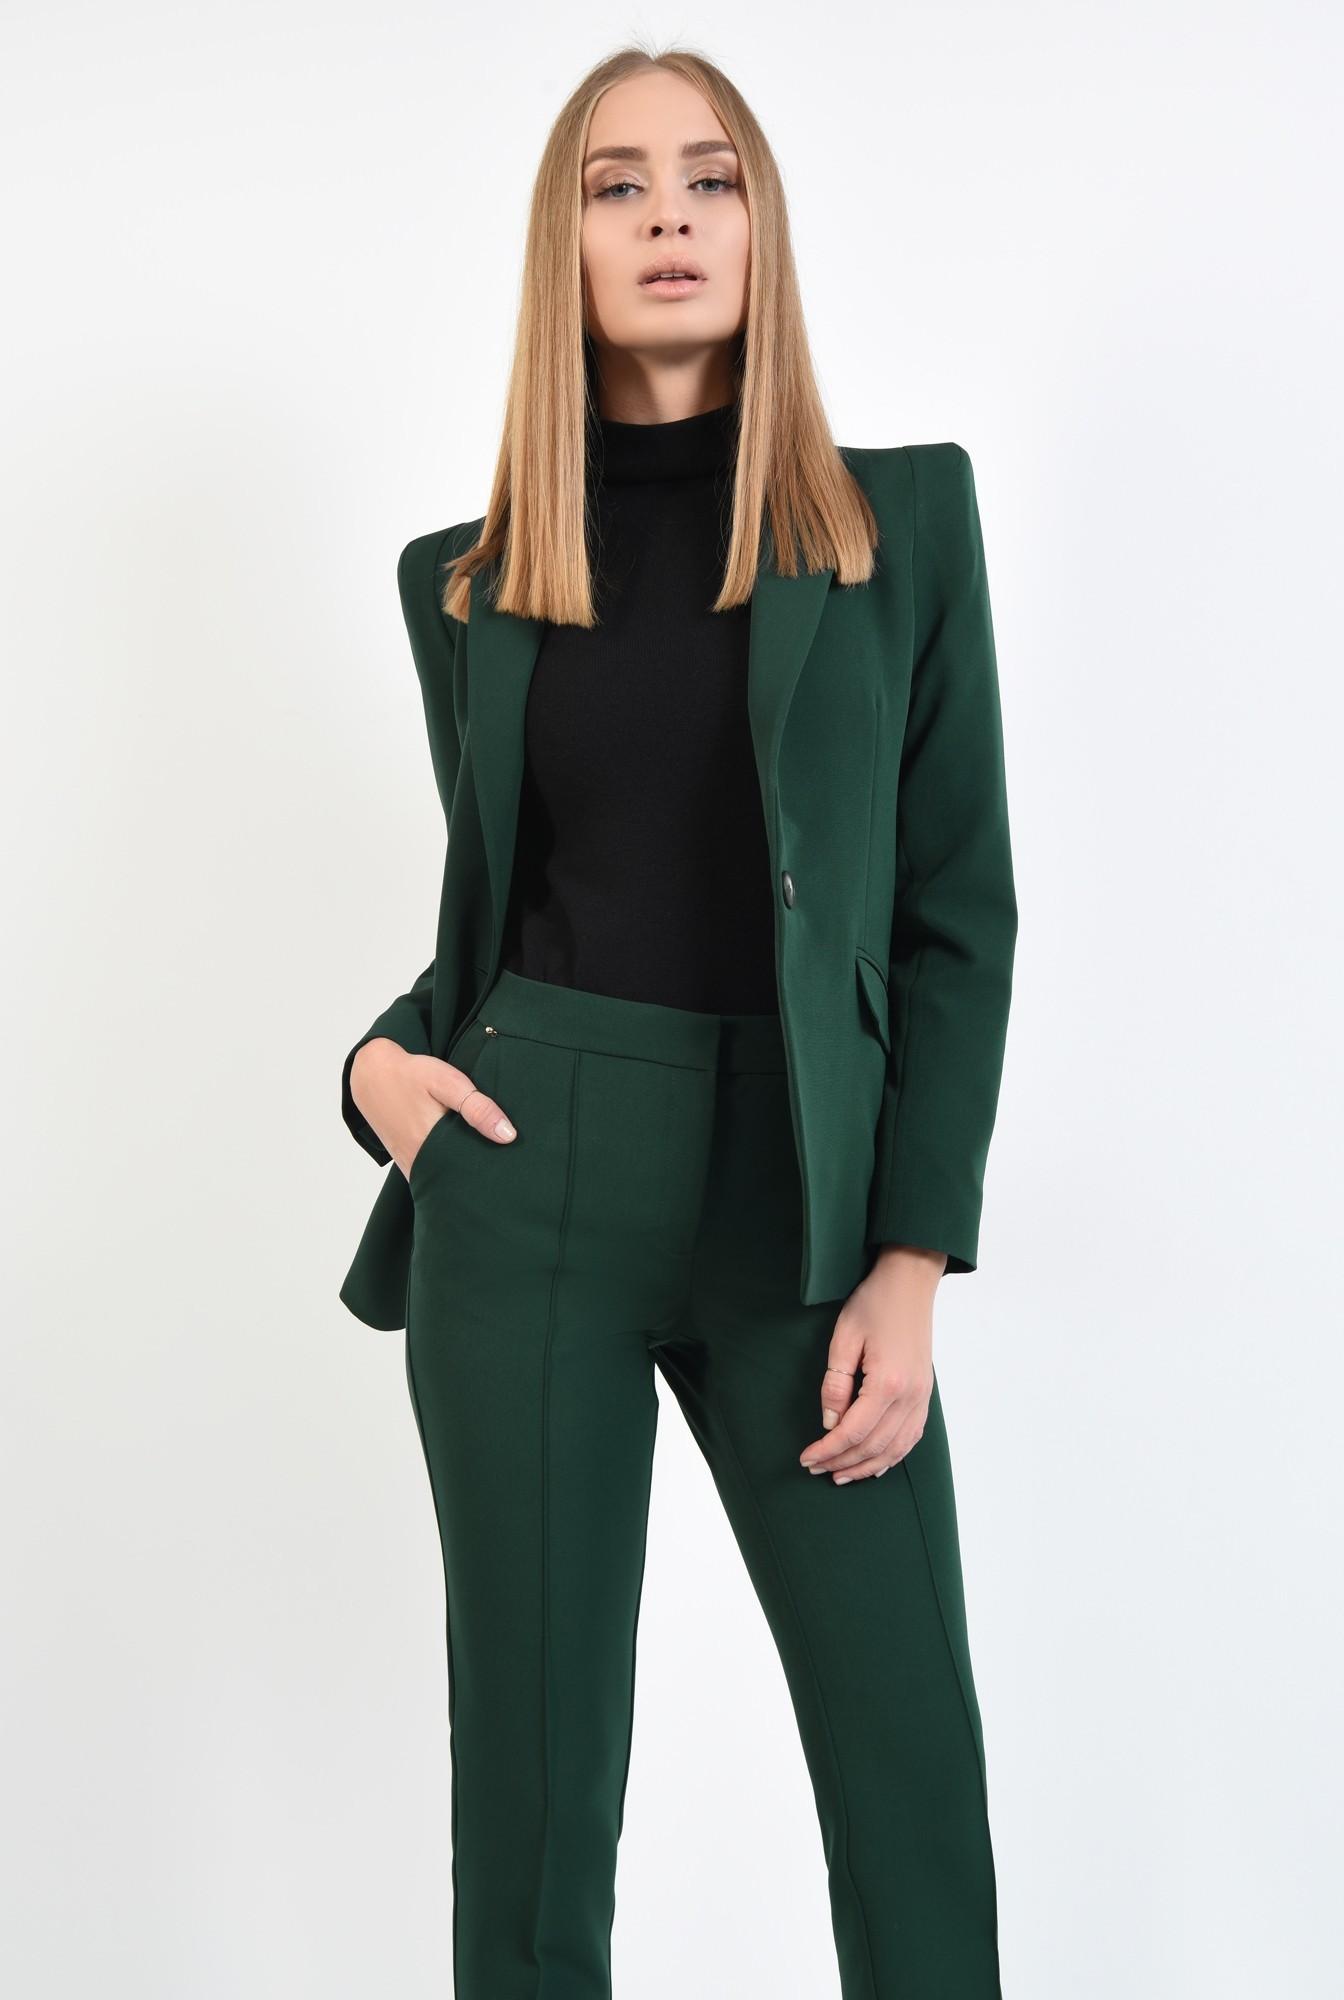 0 - 360 - pantaloni de toamna, tesatura texturata, croi pana, talie medie